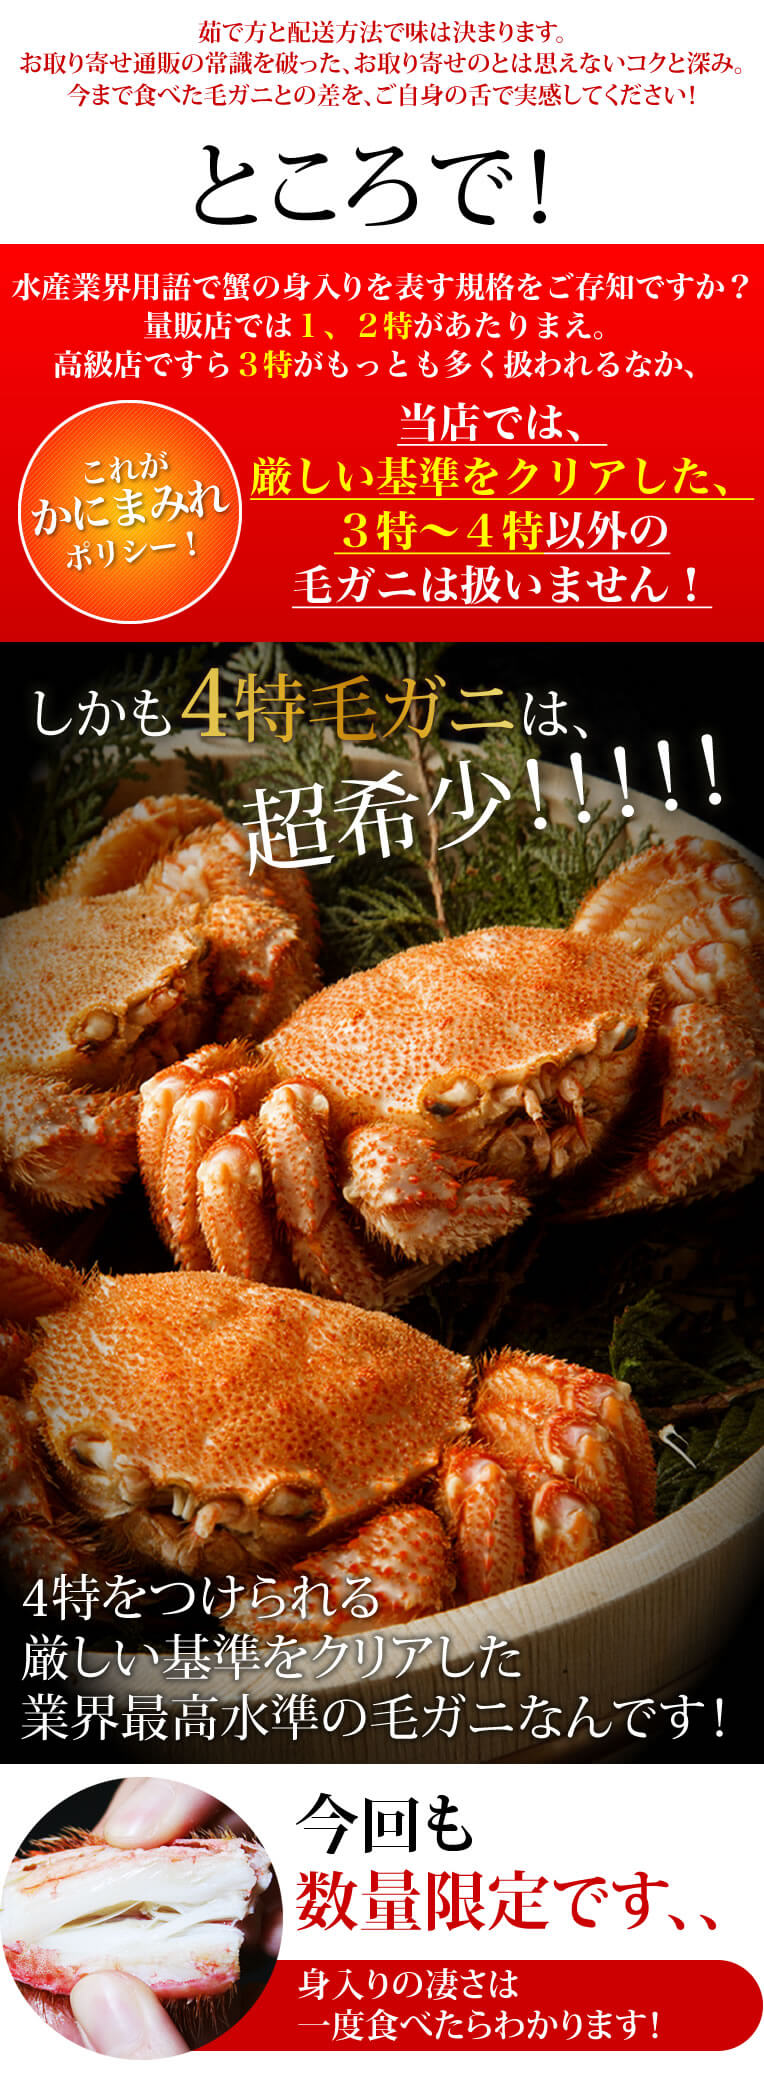 今年の冬シーズン本番を前に、「家族団欒で蟹を食べたいけど、蟹のことはよくわからないし、ネット注文だとどんな蟹が届くか不安、、」という、年末にぶっつけ本番で失敗したくない方、必見です。まずこの別格毛ガニをお試しください!当店の看板蟹であり鉄板蟹。当店のリピート支持率NO.1!